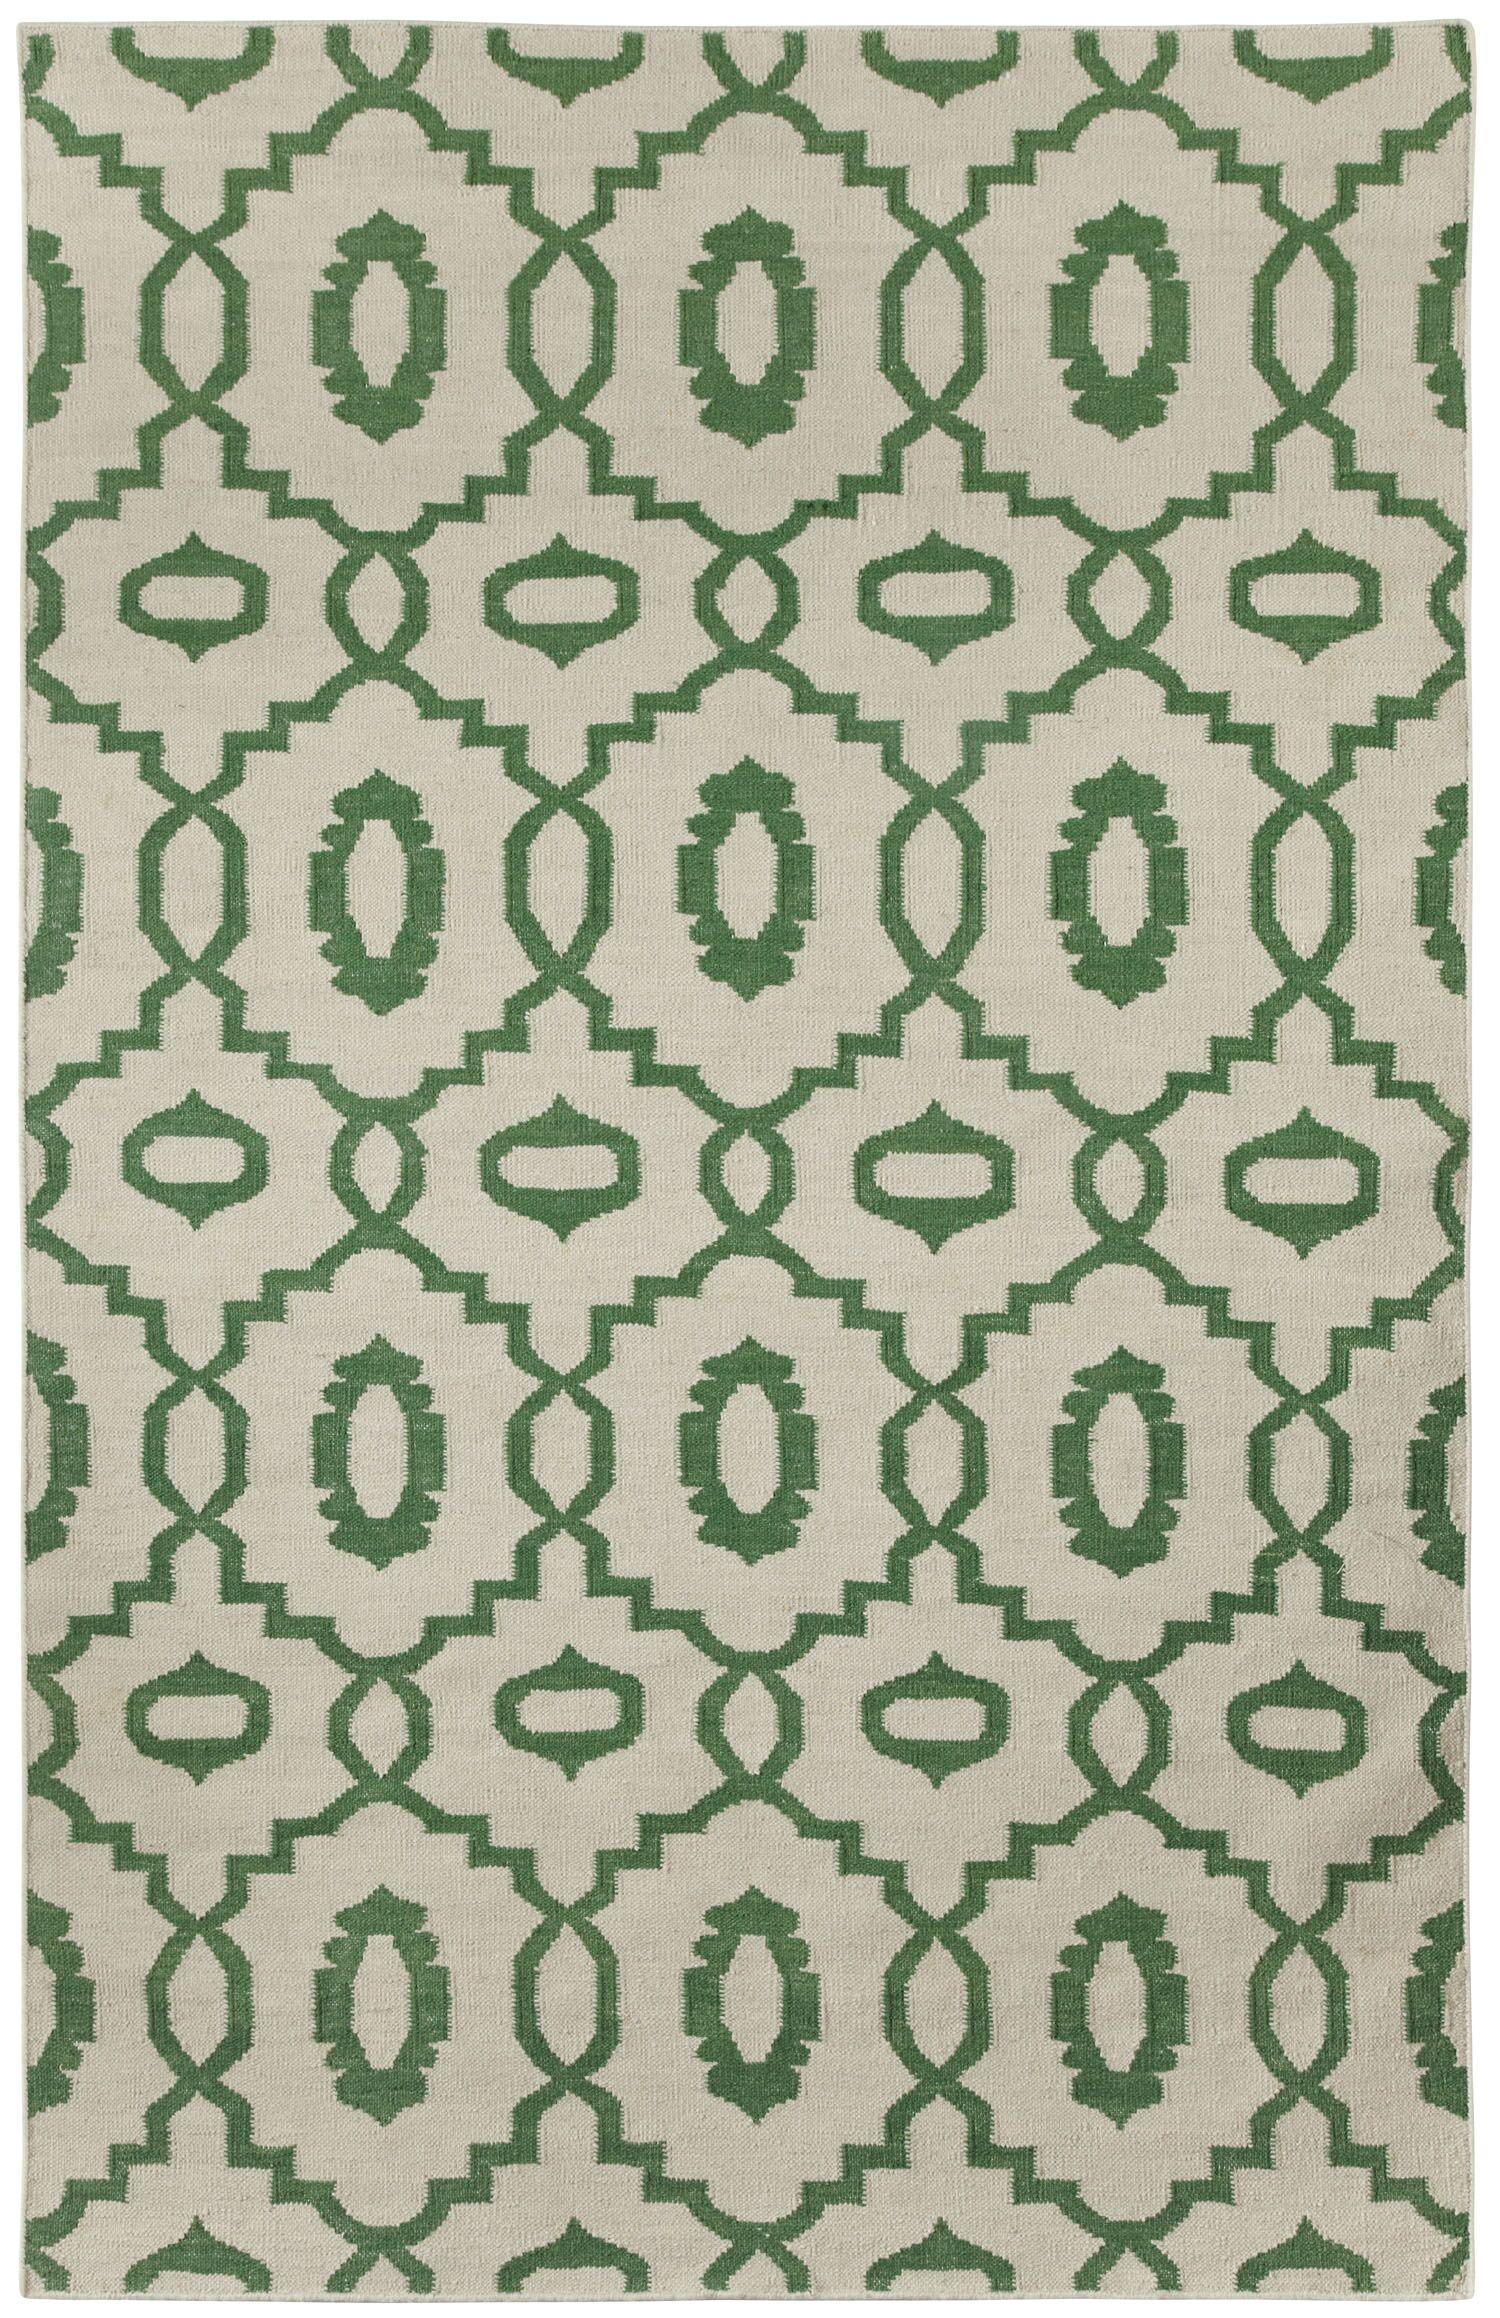 Anchor Dark Green Area Rug Rug Size: Rectangle 5' x 8'